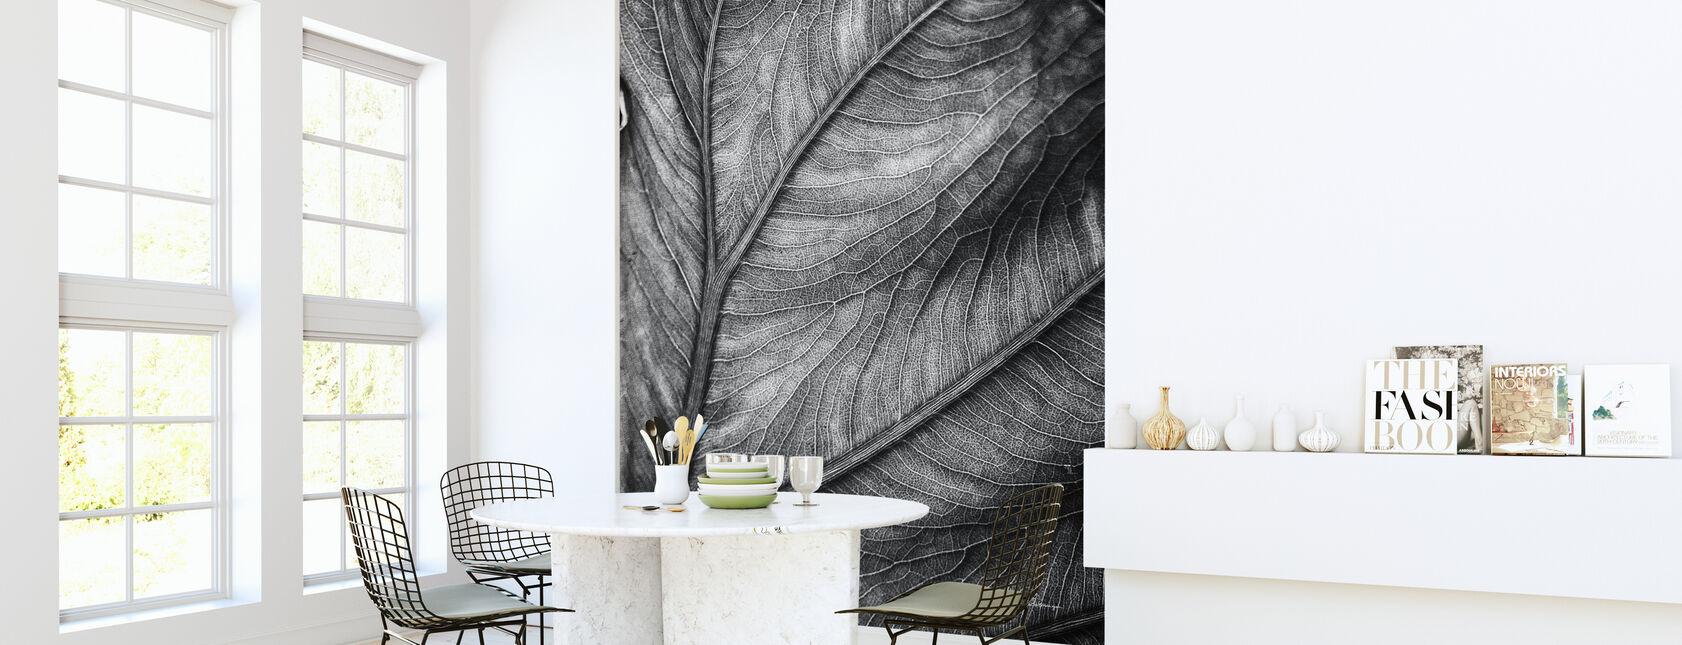 Elephant Ear - Wallpaper - Kitchen